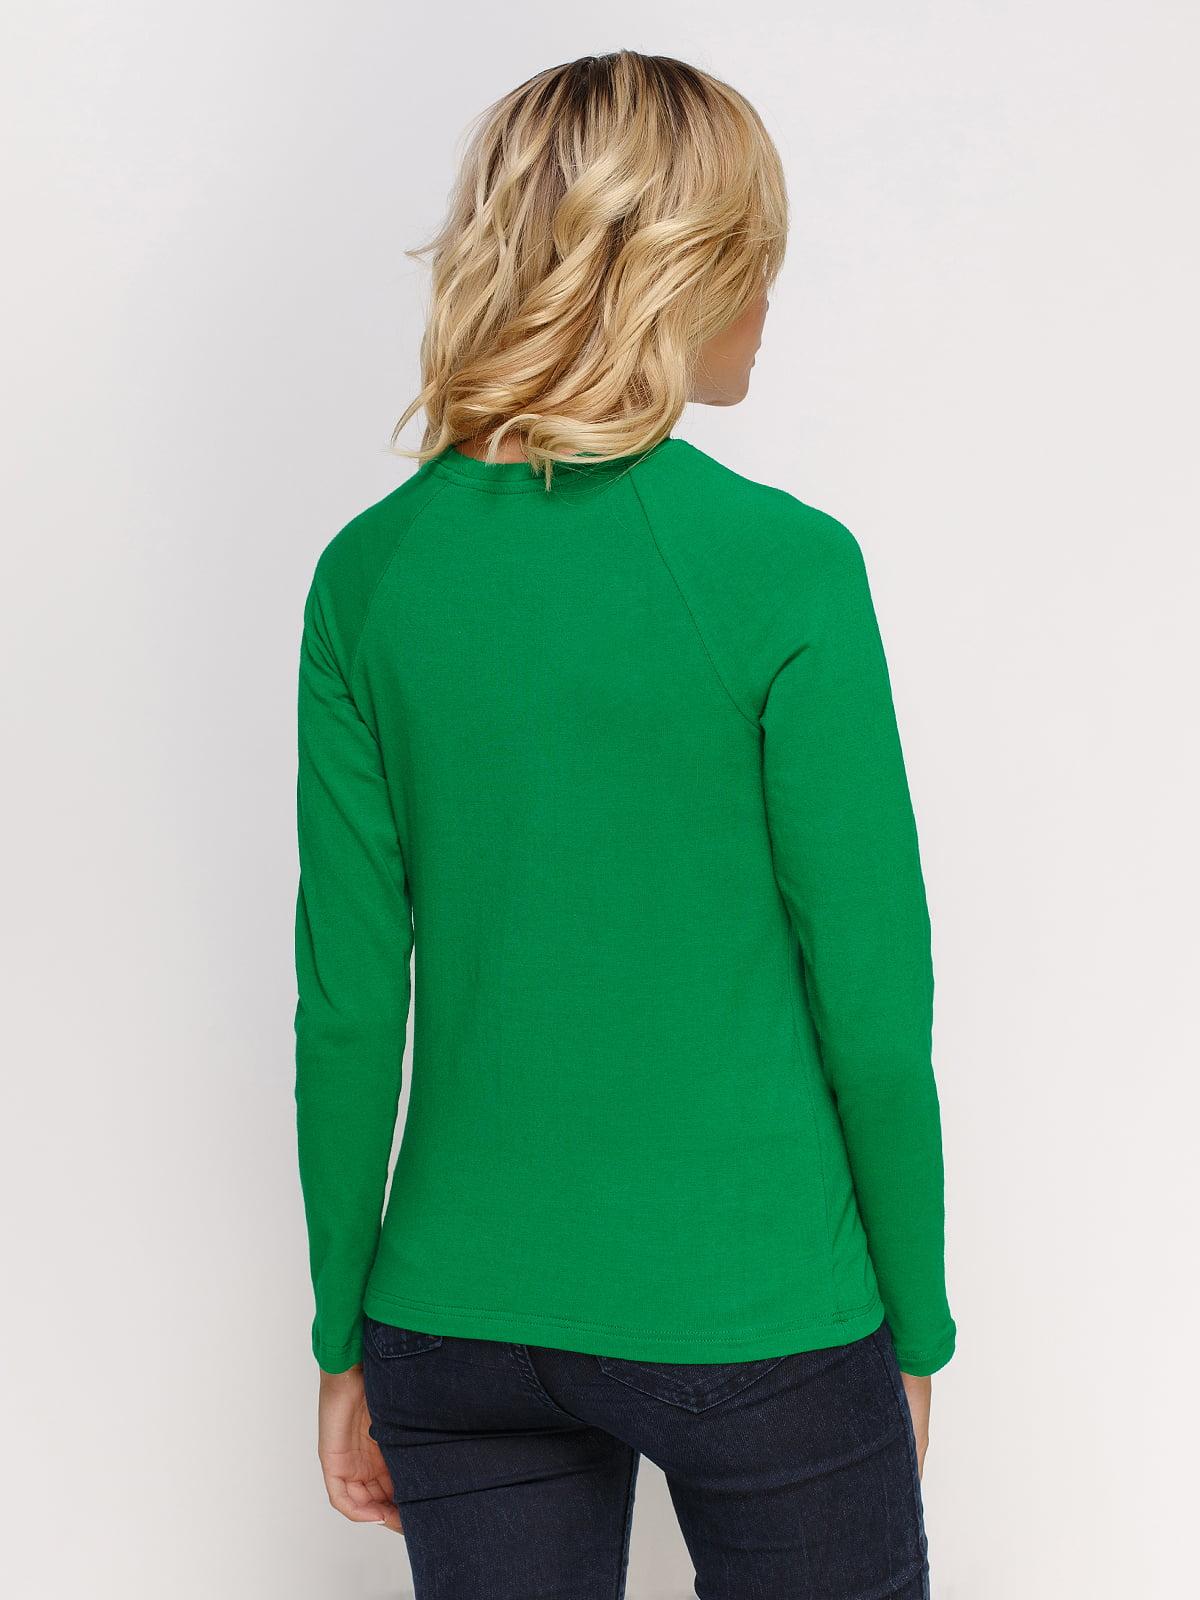 Лонгслів зелений з принтом | 4577872 | фото 2